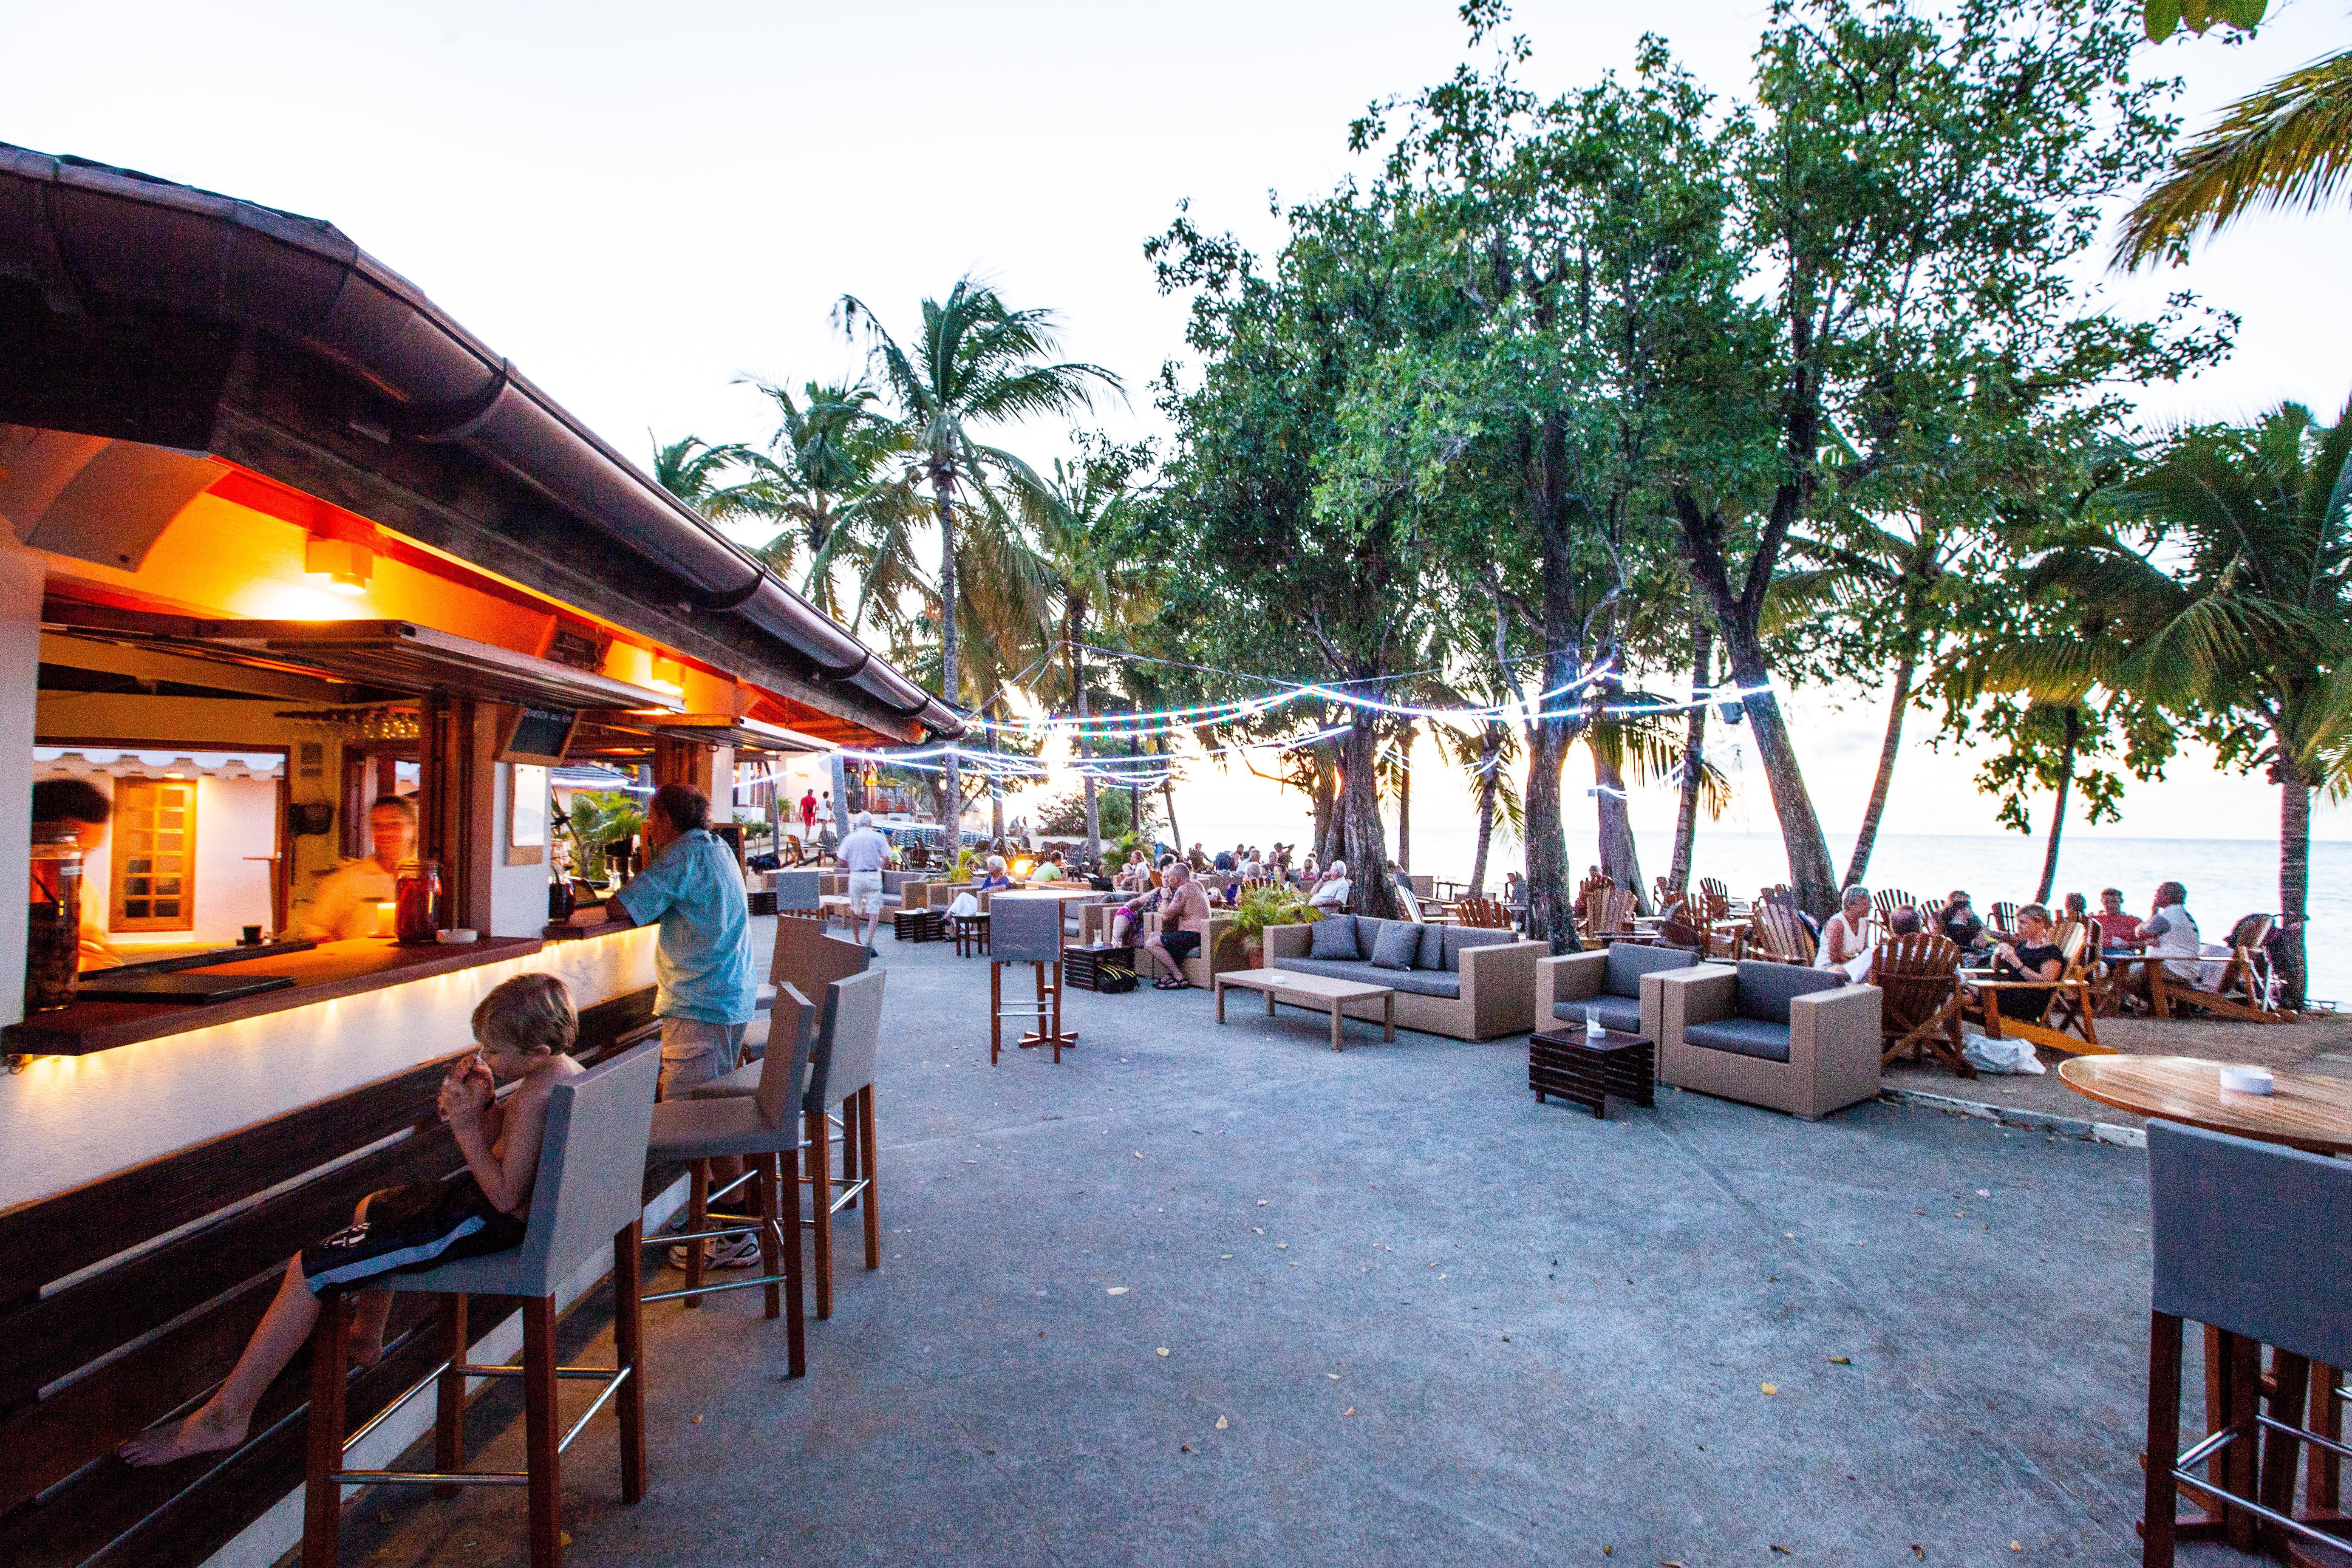 Guadeloupe beach bars kawann beach bar deshaies beach bar bums - Pictures of bars ...